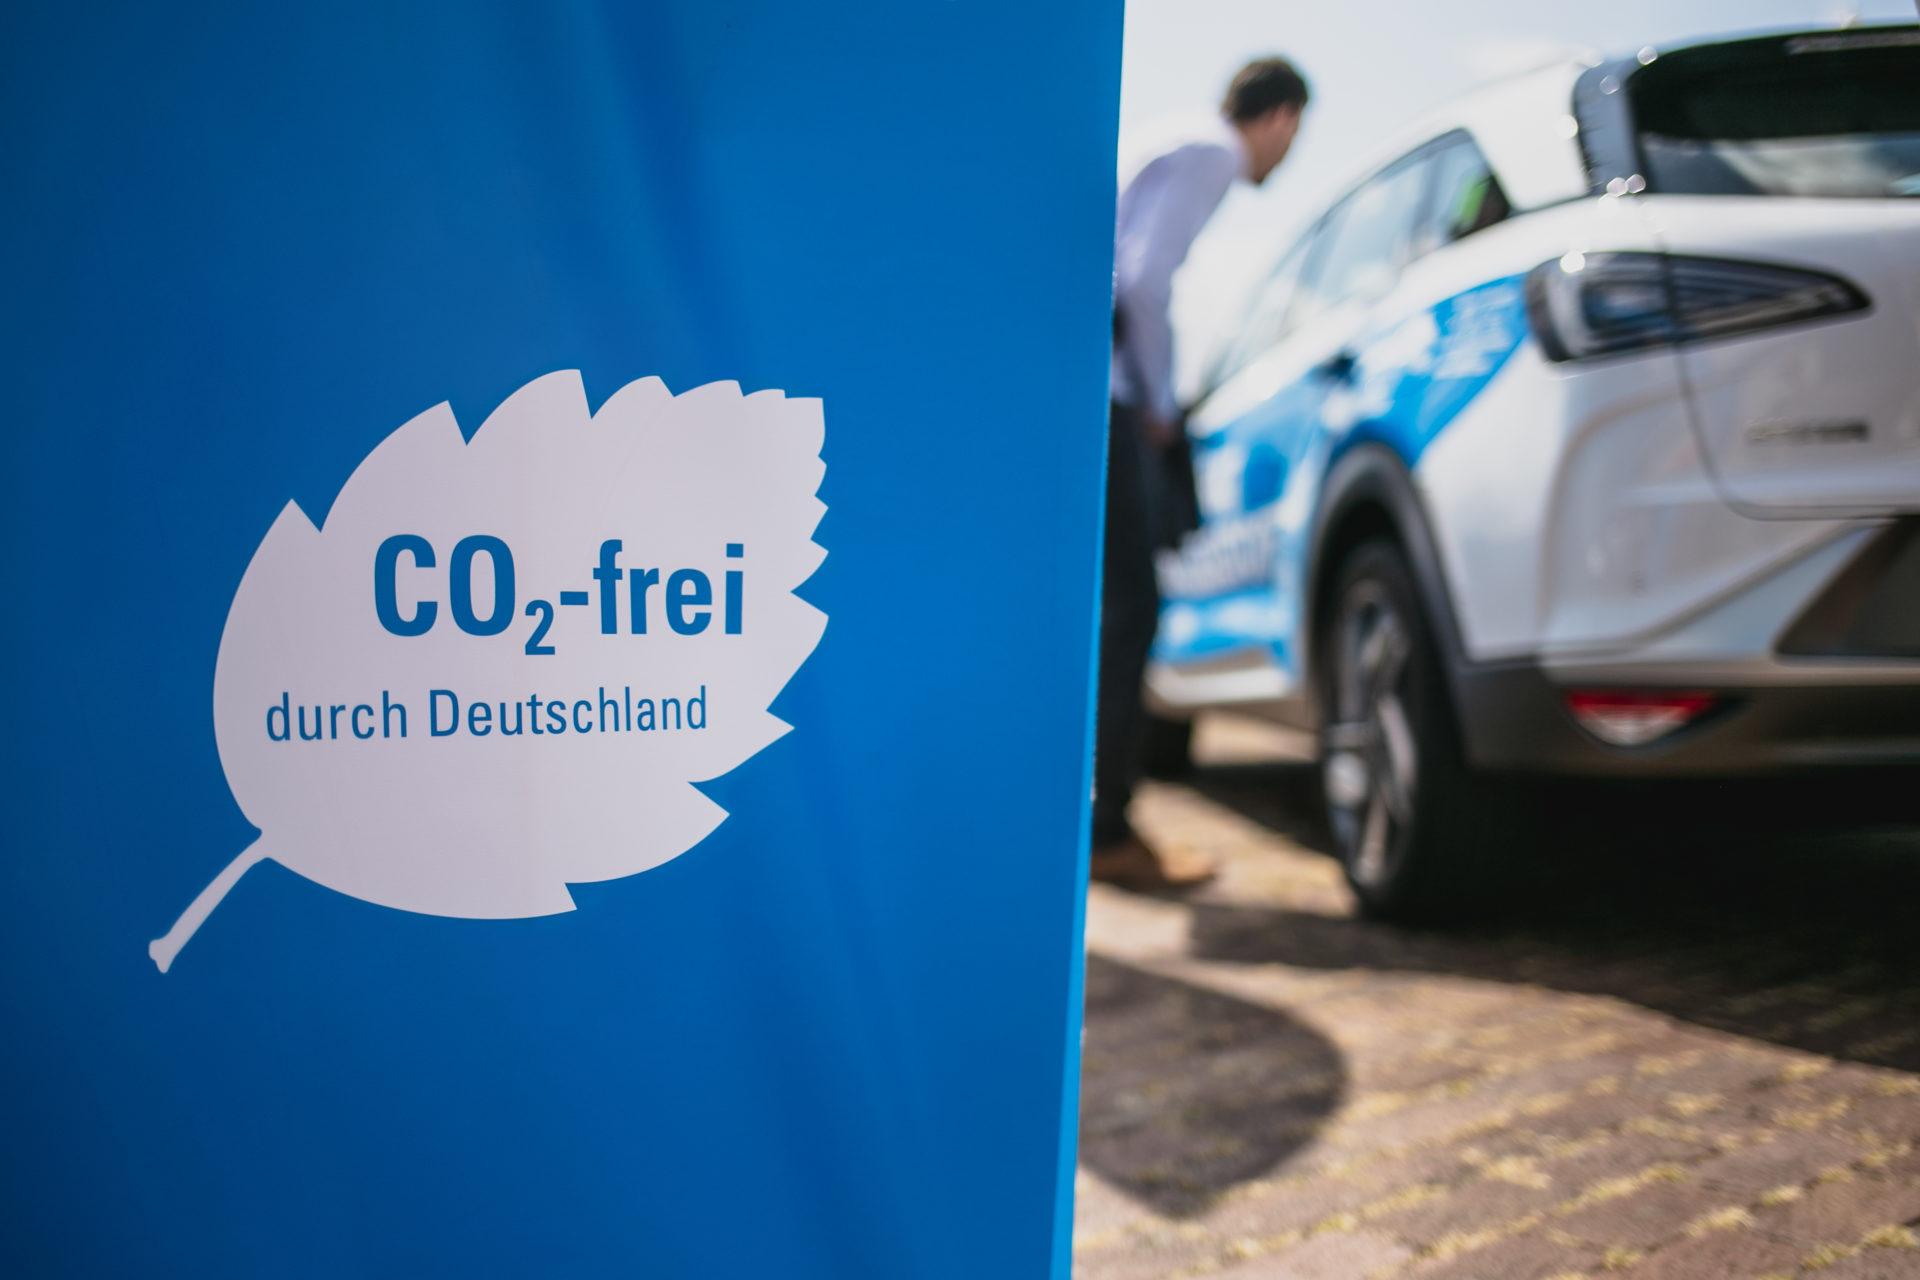 CO2-frei_Mobilitätswende_6079_Carolin-Weinkopf